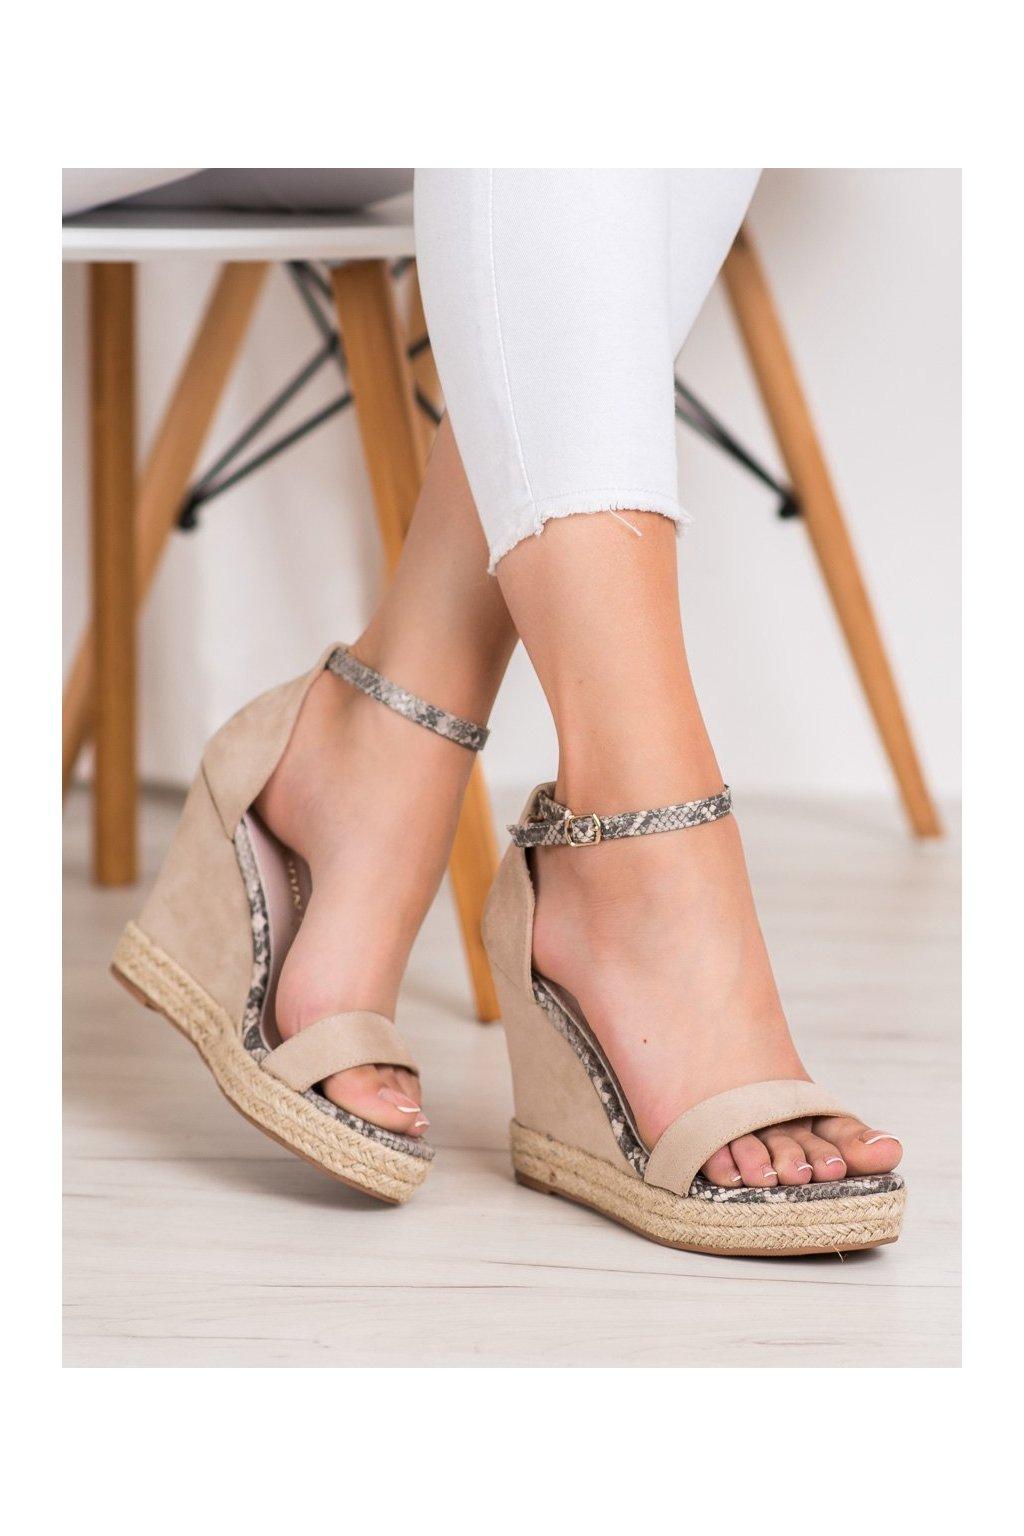 Hnedé sandále Goodin kod GD-NF-07BE